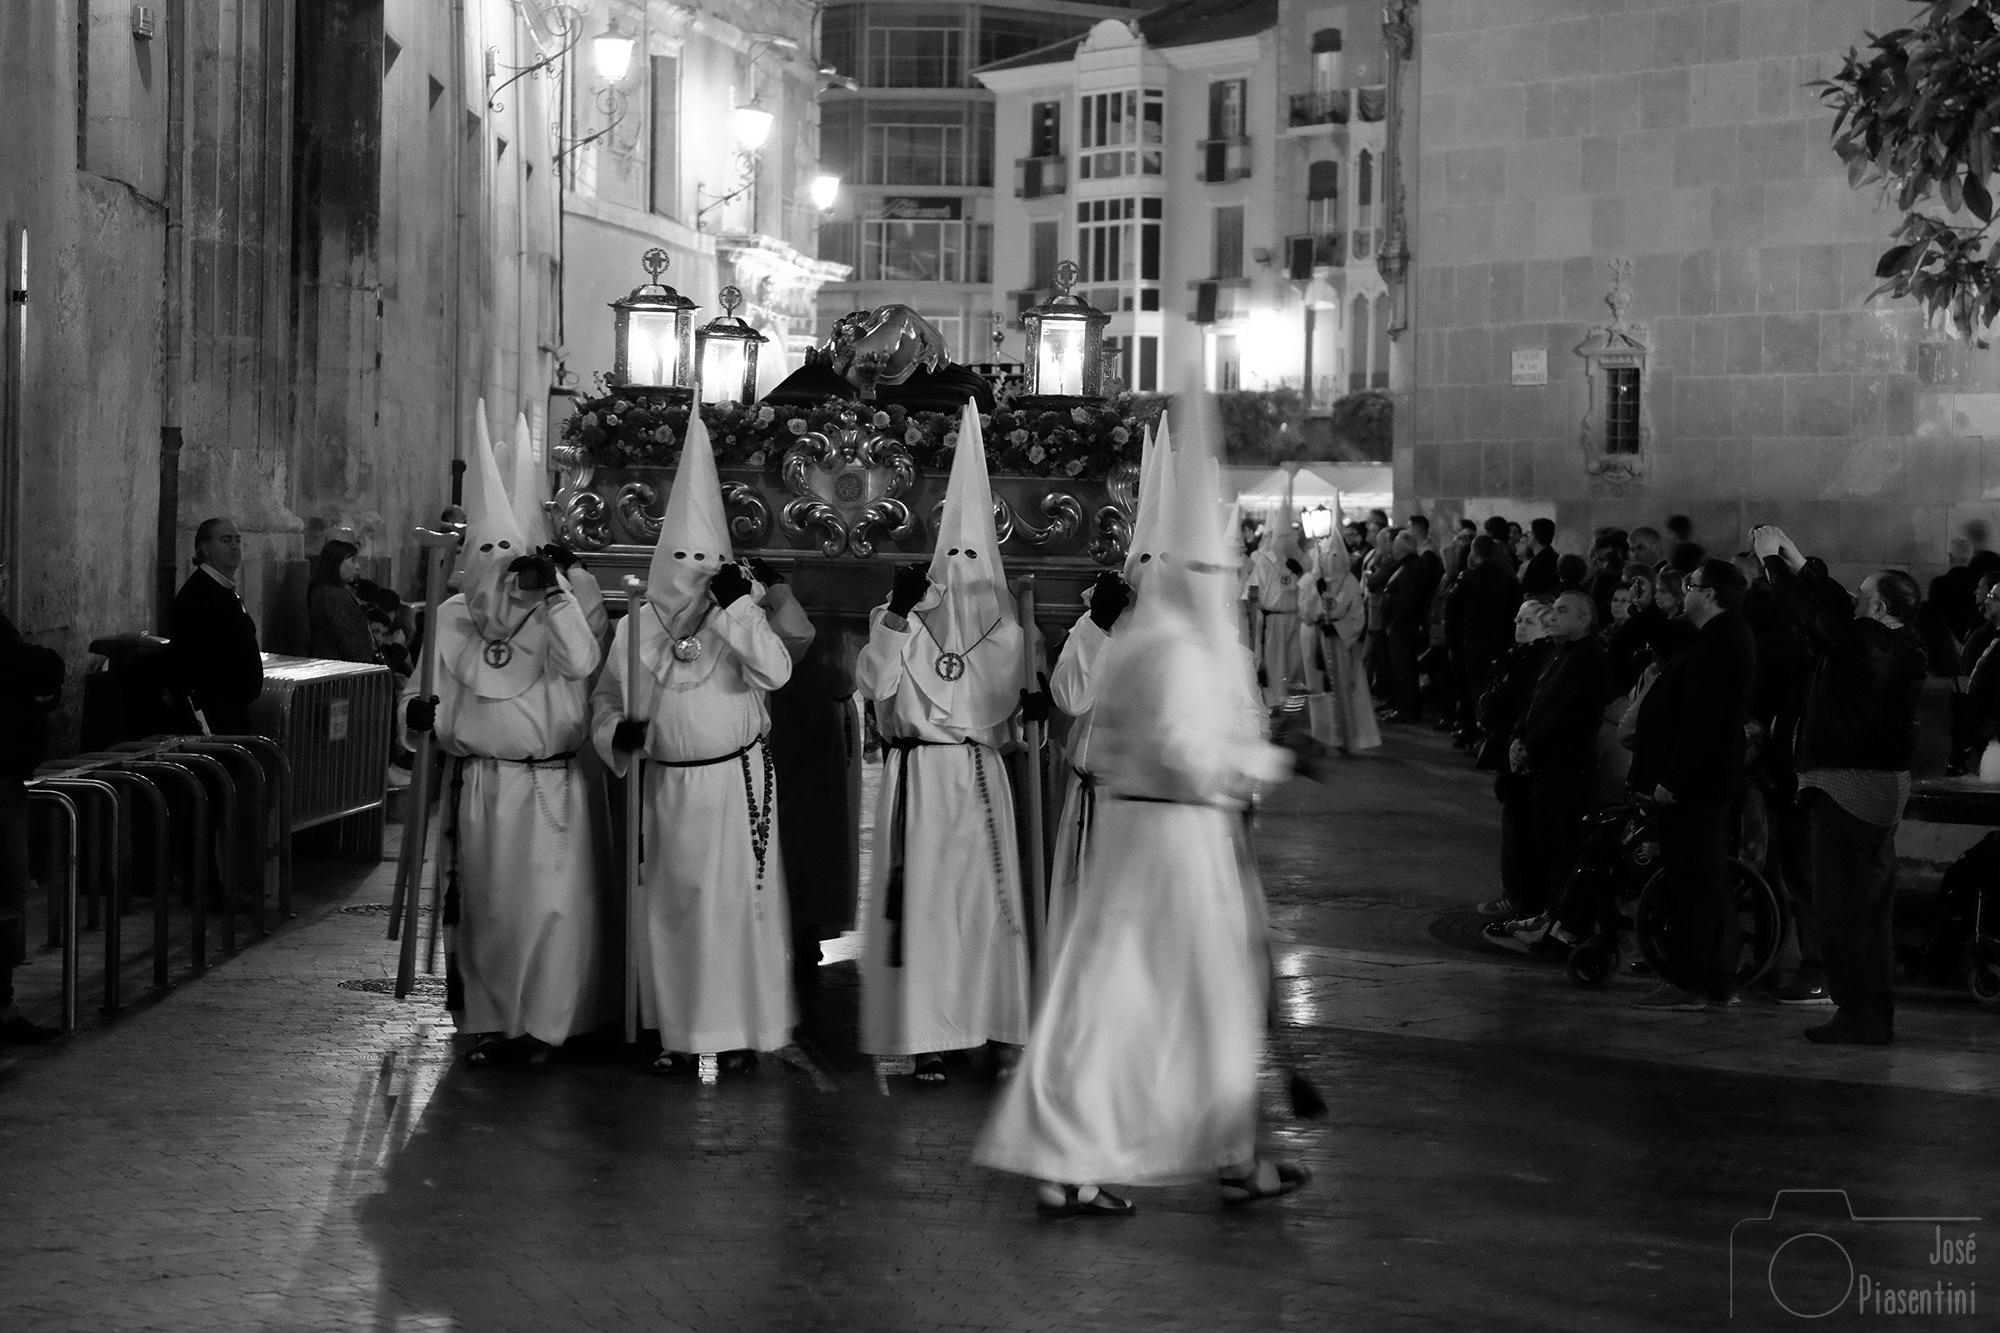 procesiones semana santa murcia Spain